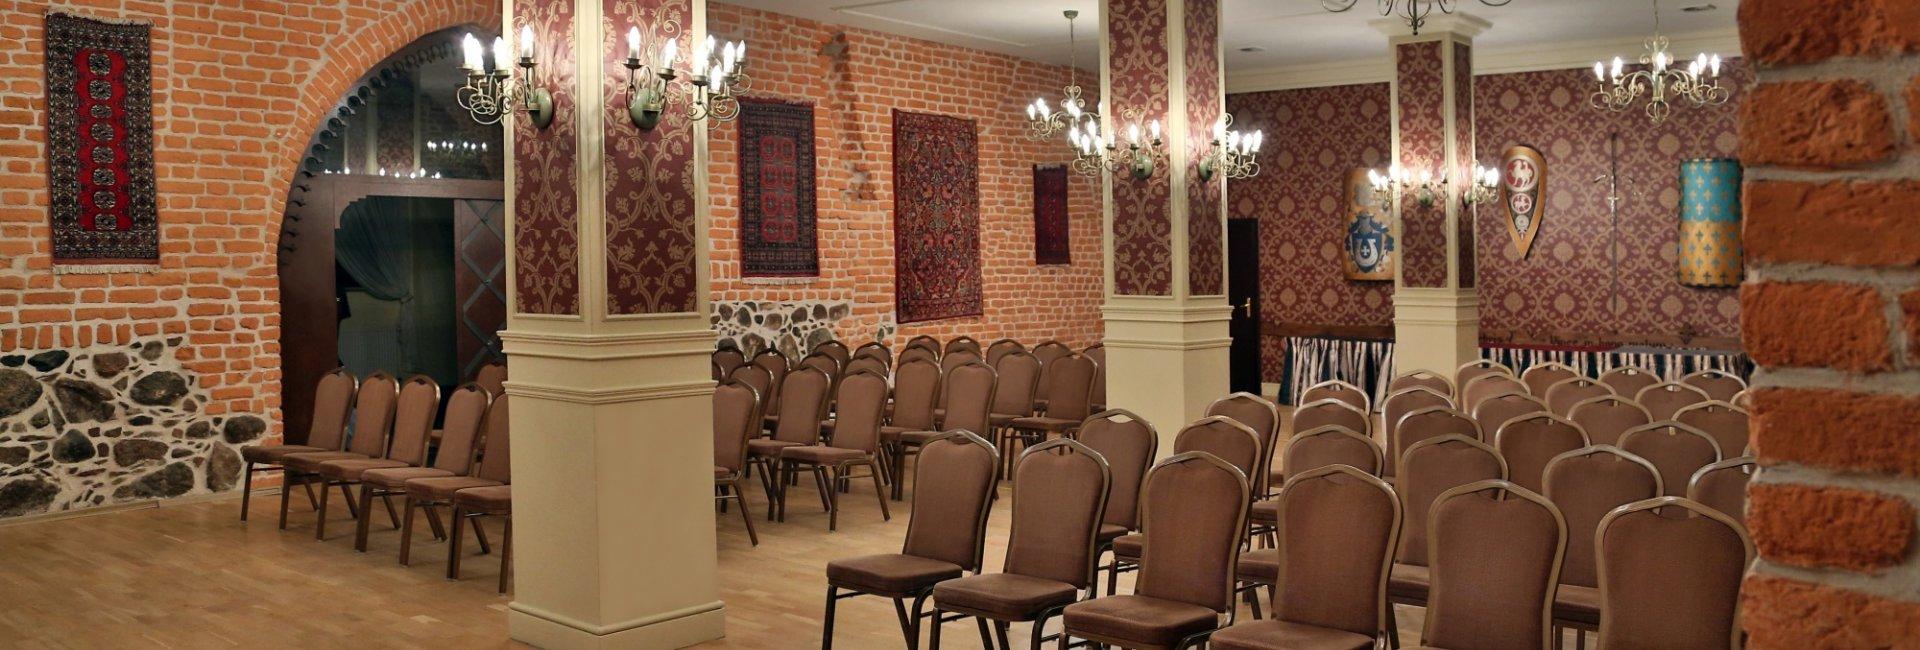 Jak współczesne wyposażenie sal konferencyjnych wpływa na efektywność spotkań biznesowych?